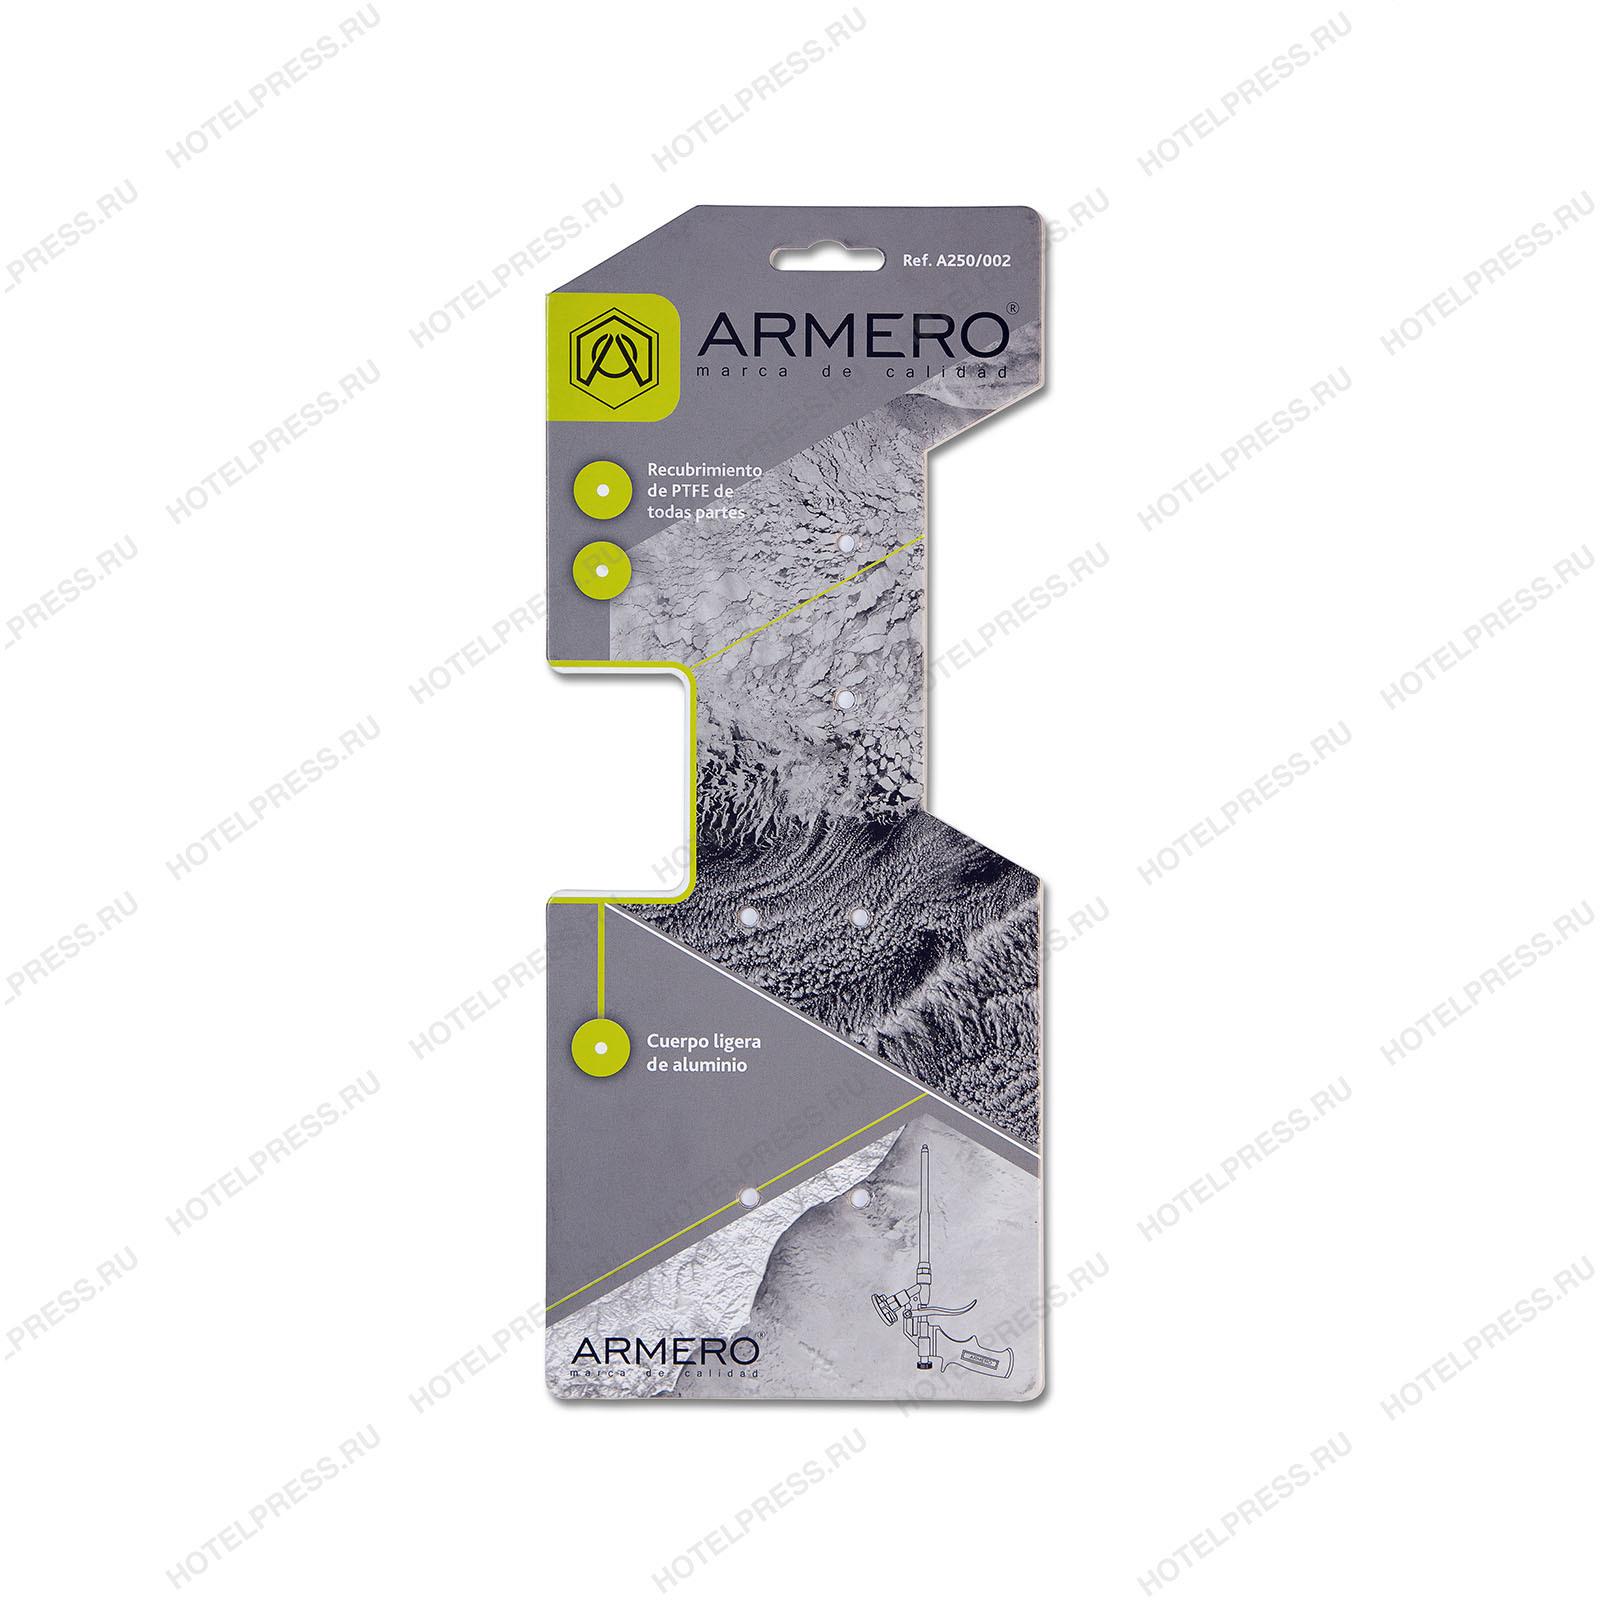 Картонная упаковка с европодвесом и отверстиями для крепления товара